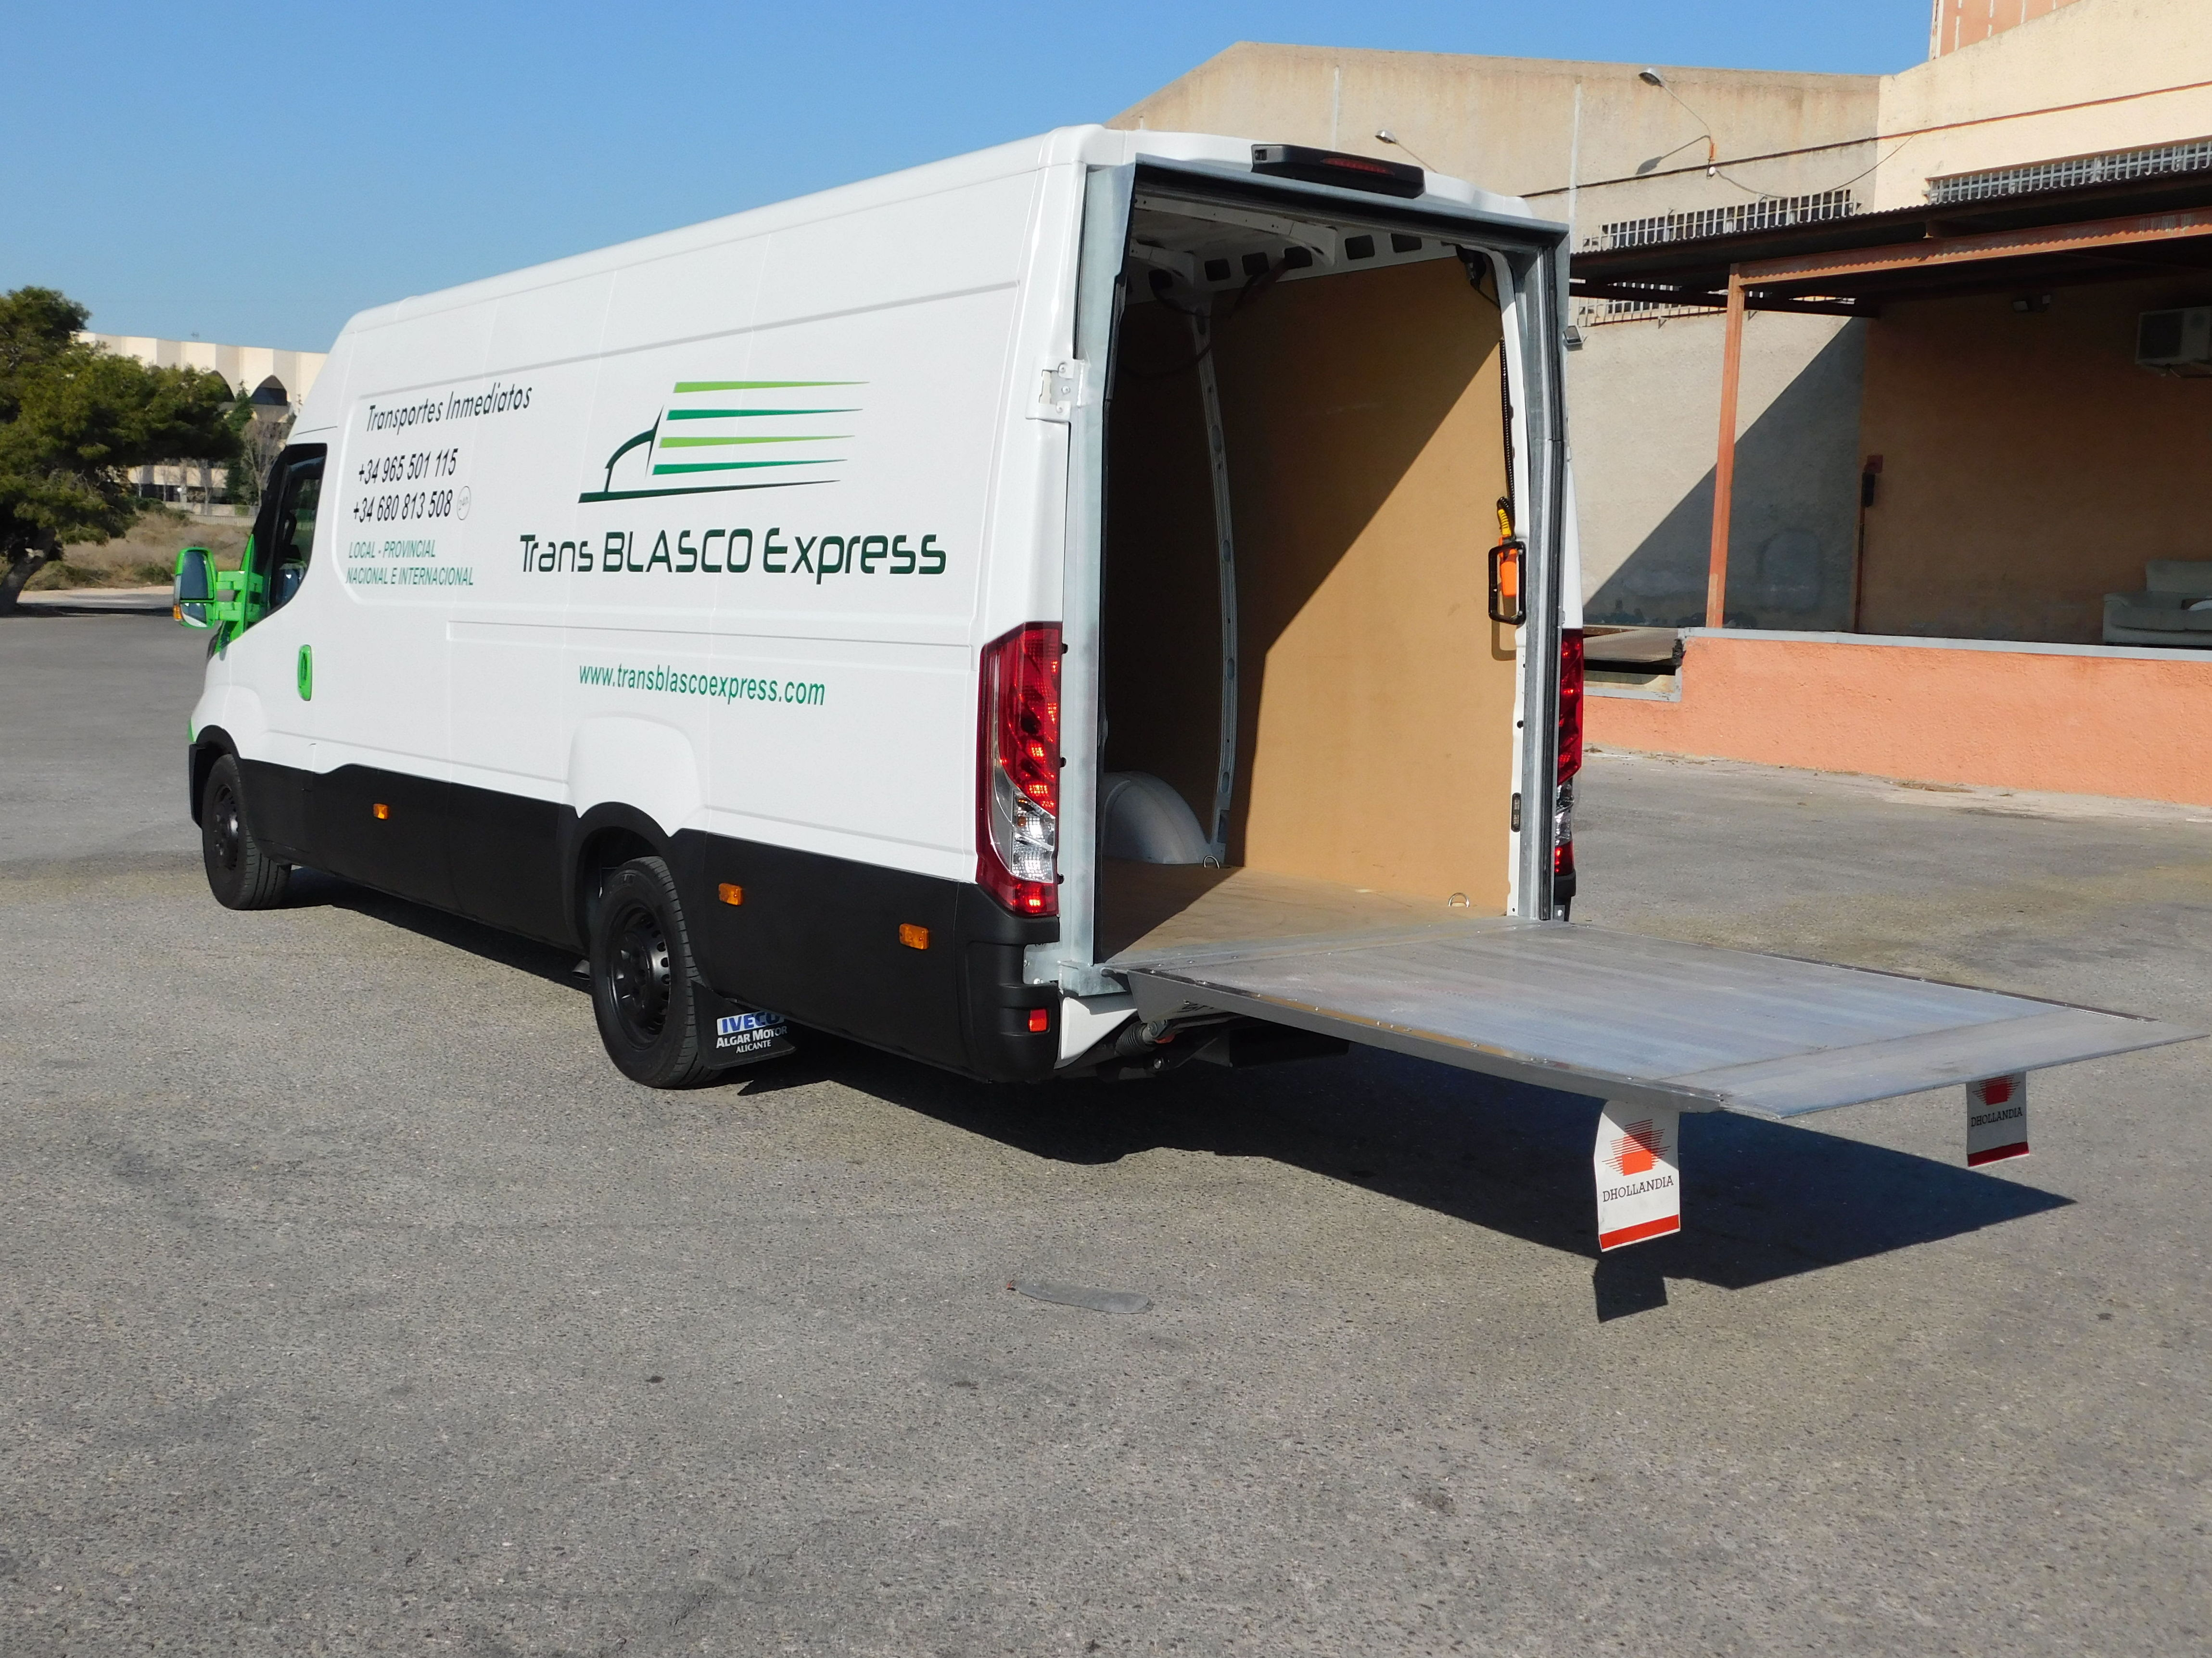 Foto 9 de Agencias de transporte en Alicante | Trans Blasco Express, S.L.